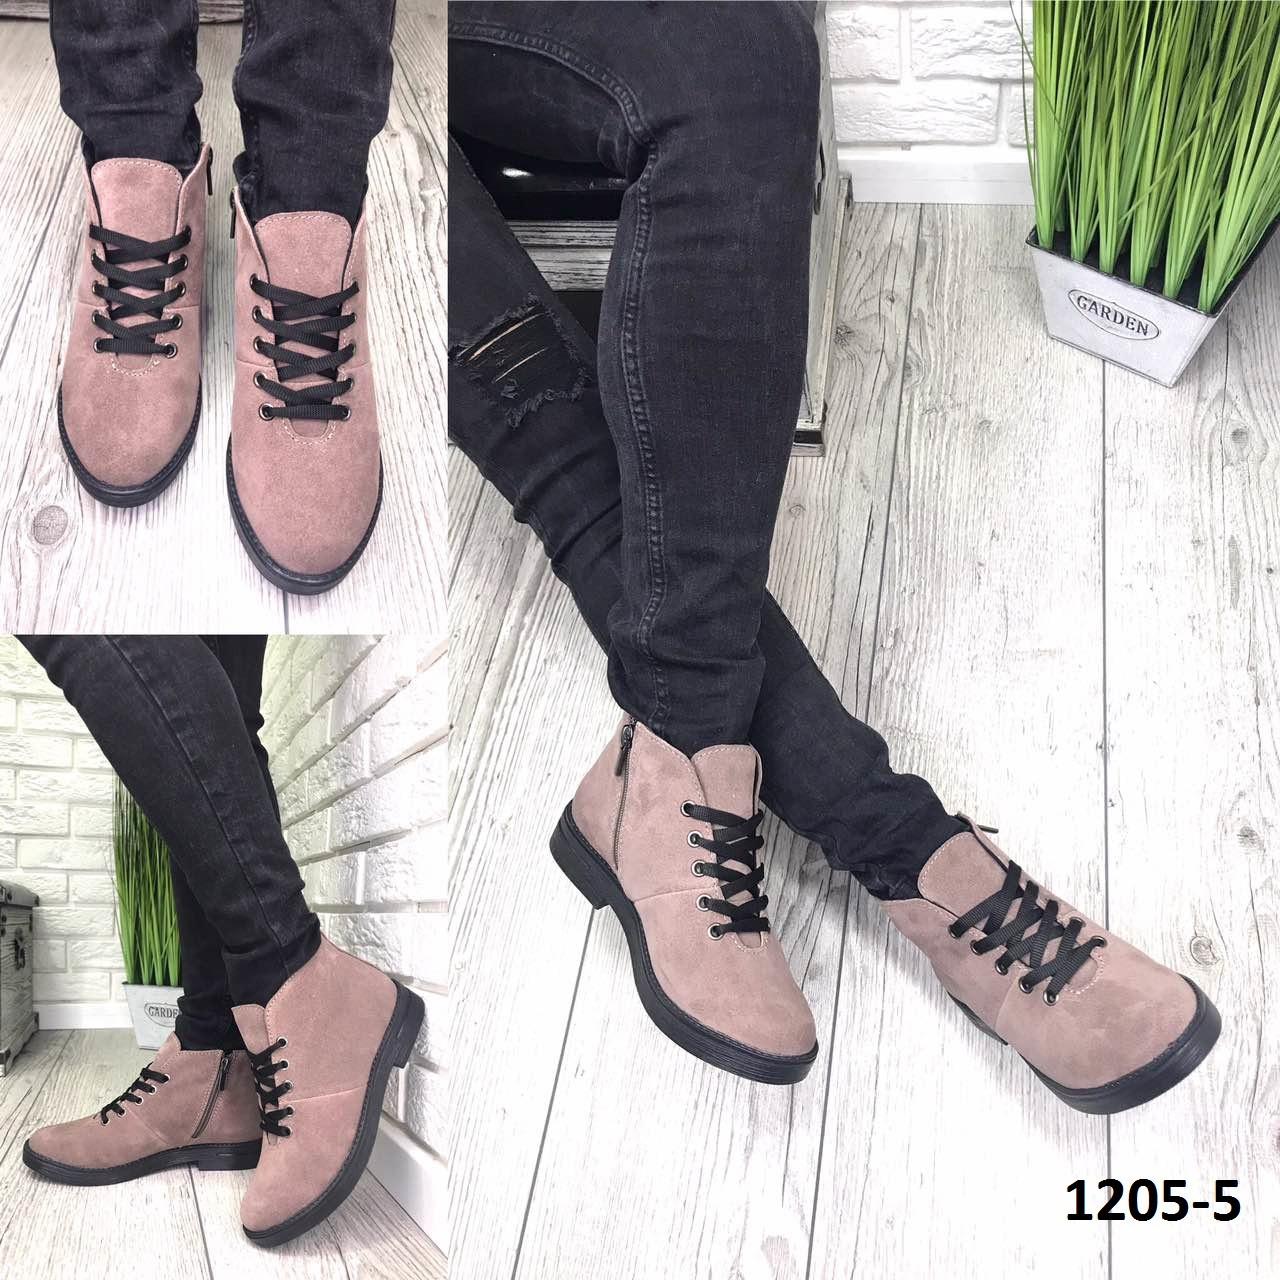 Ботинки женские демисезонные замшевые капучино классическме на шнурках